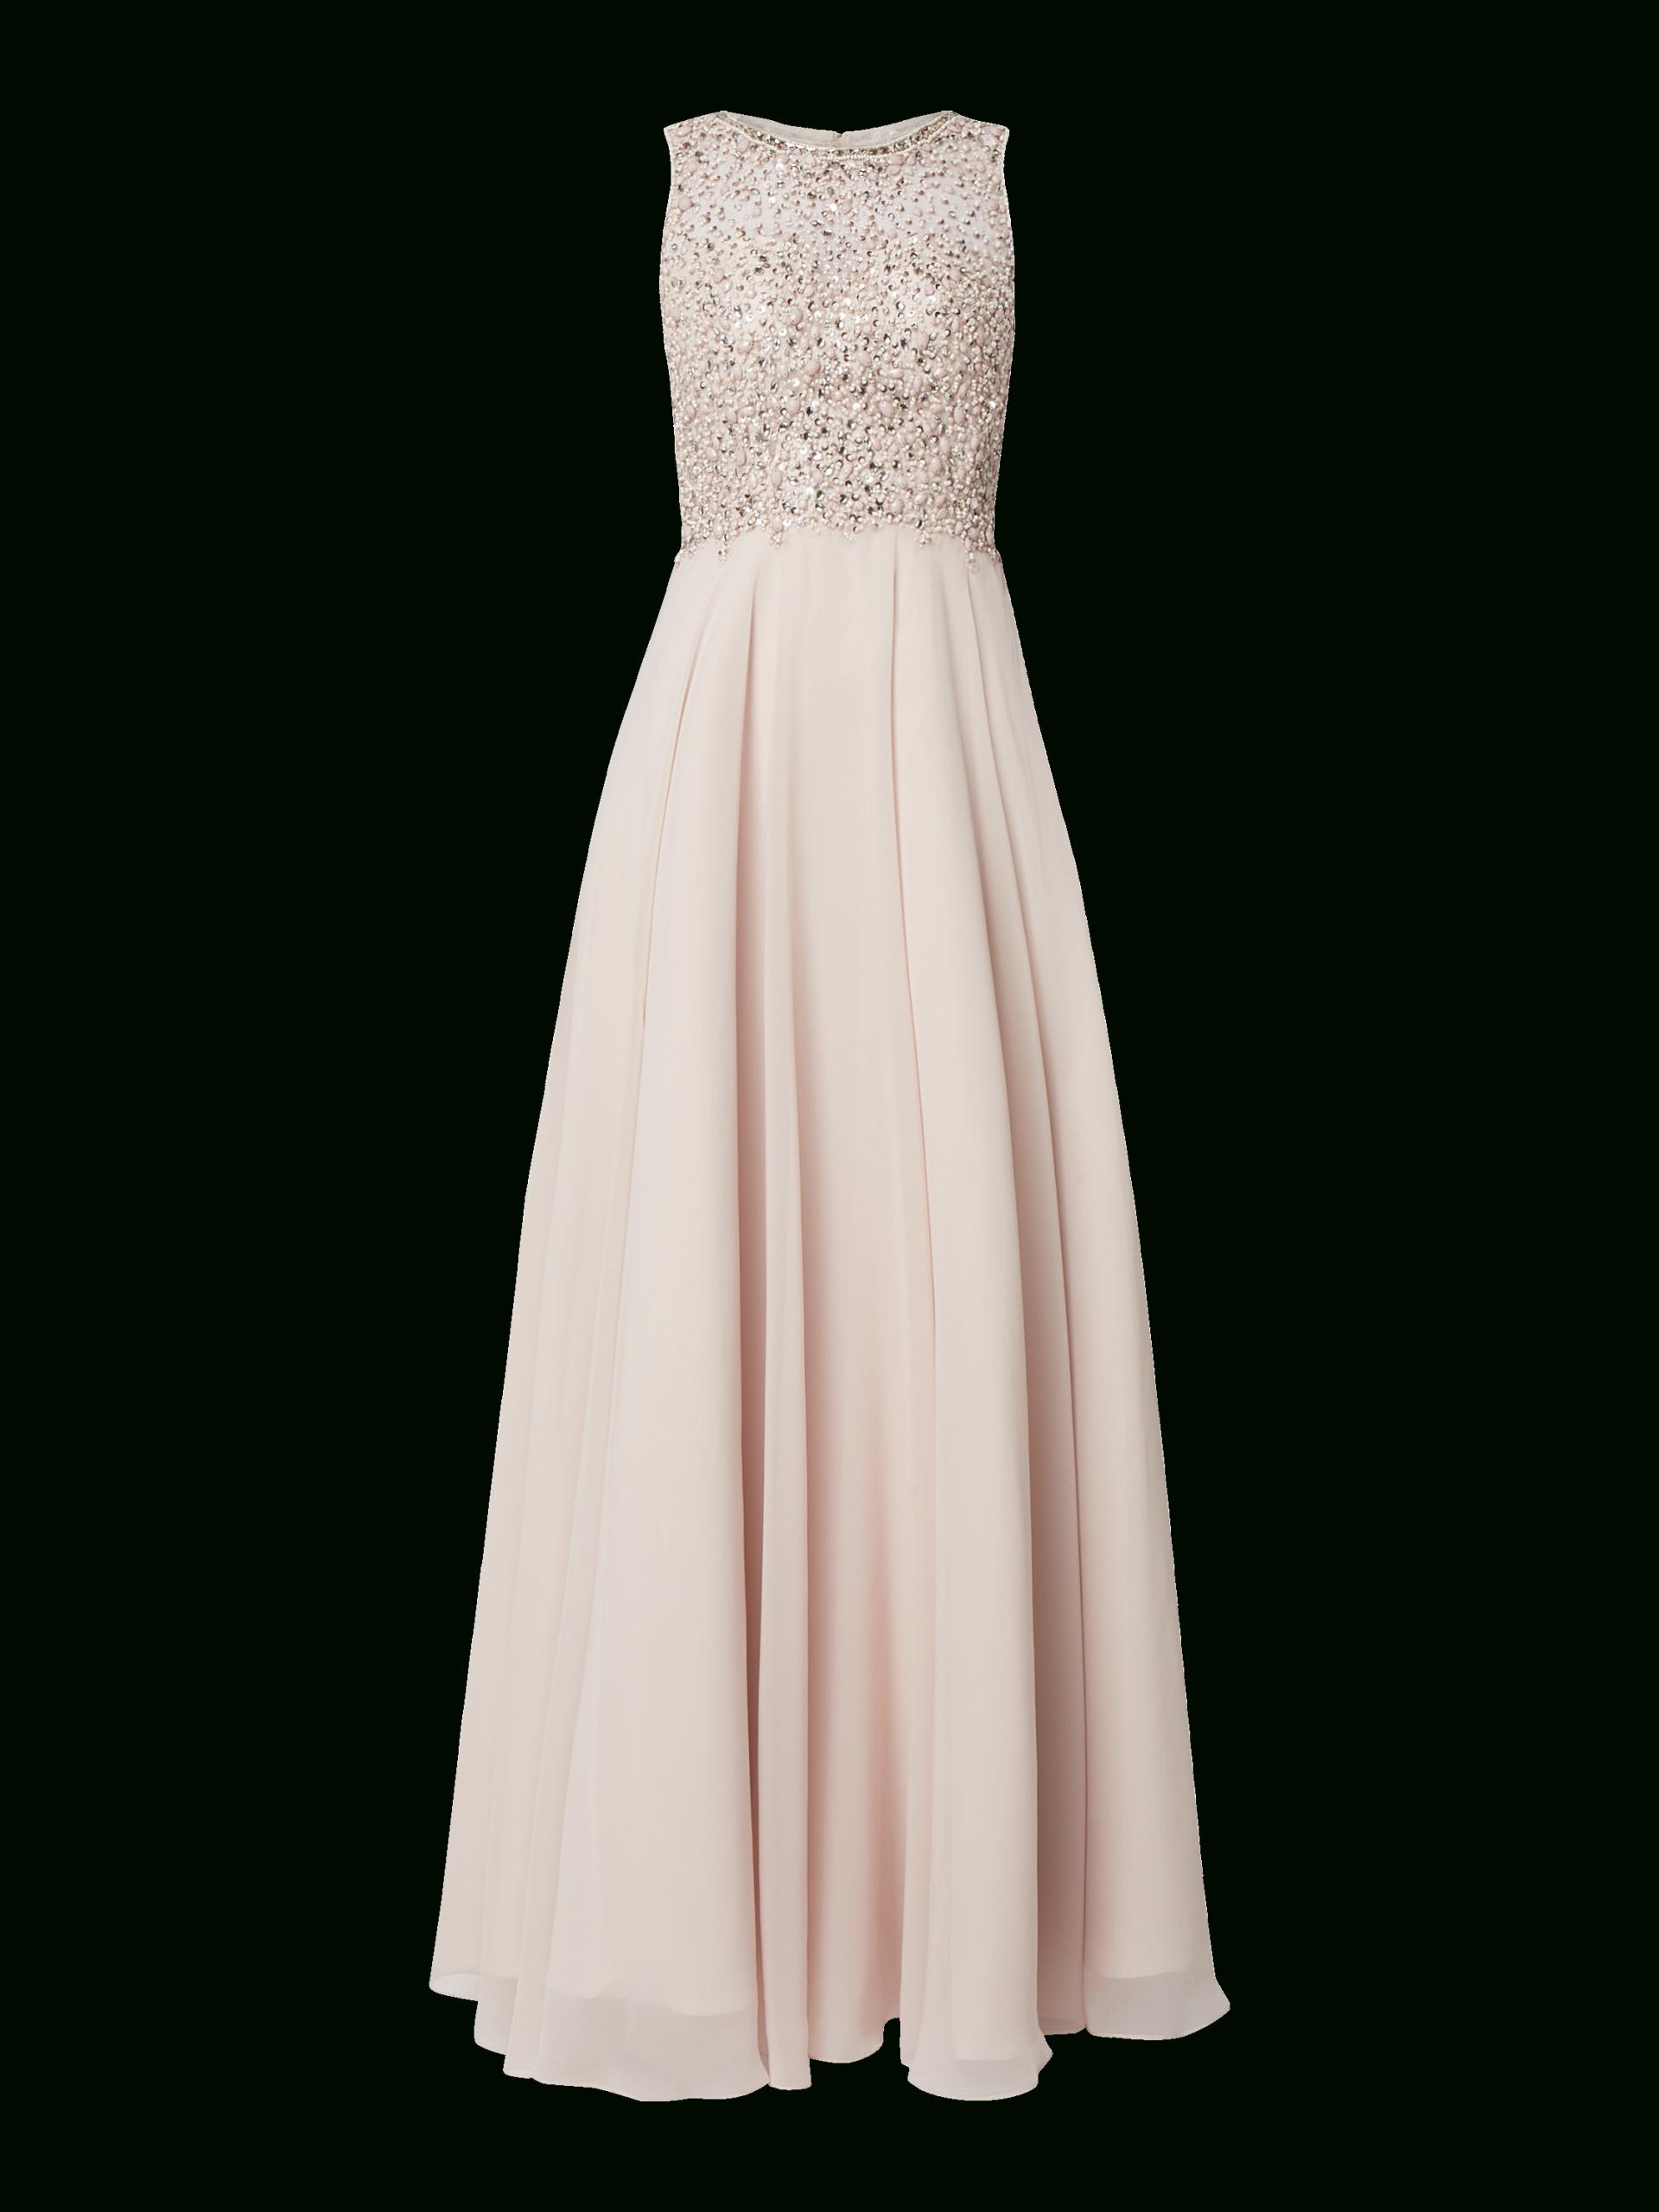 20 Erstaunlich Abendkleid Peek Und Cloppenburg Vertrieb - Abendkleid